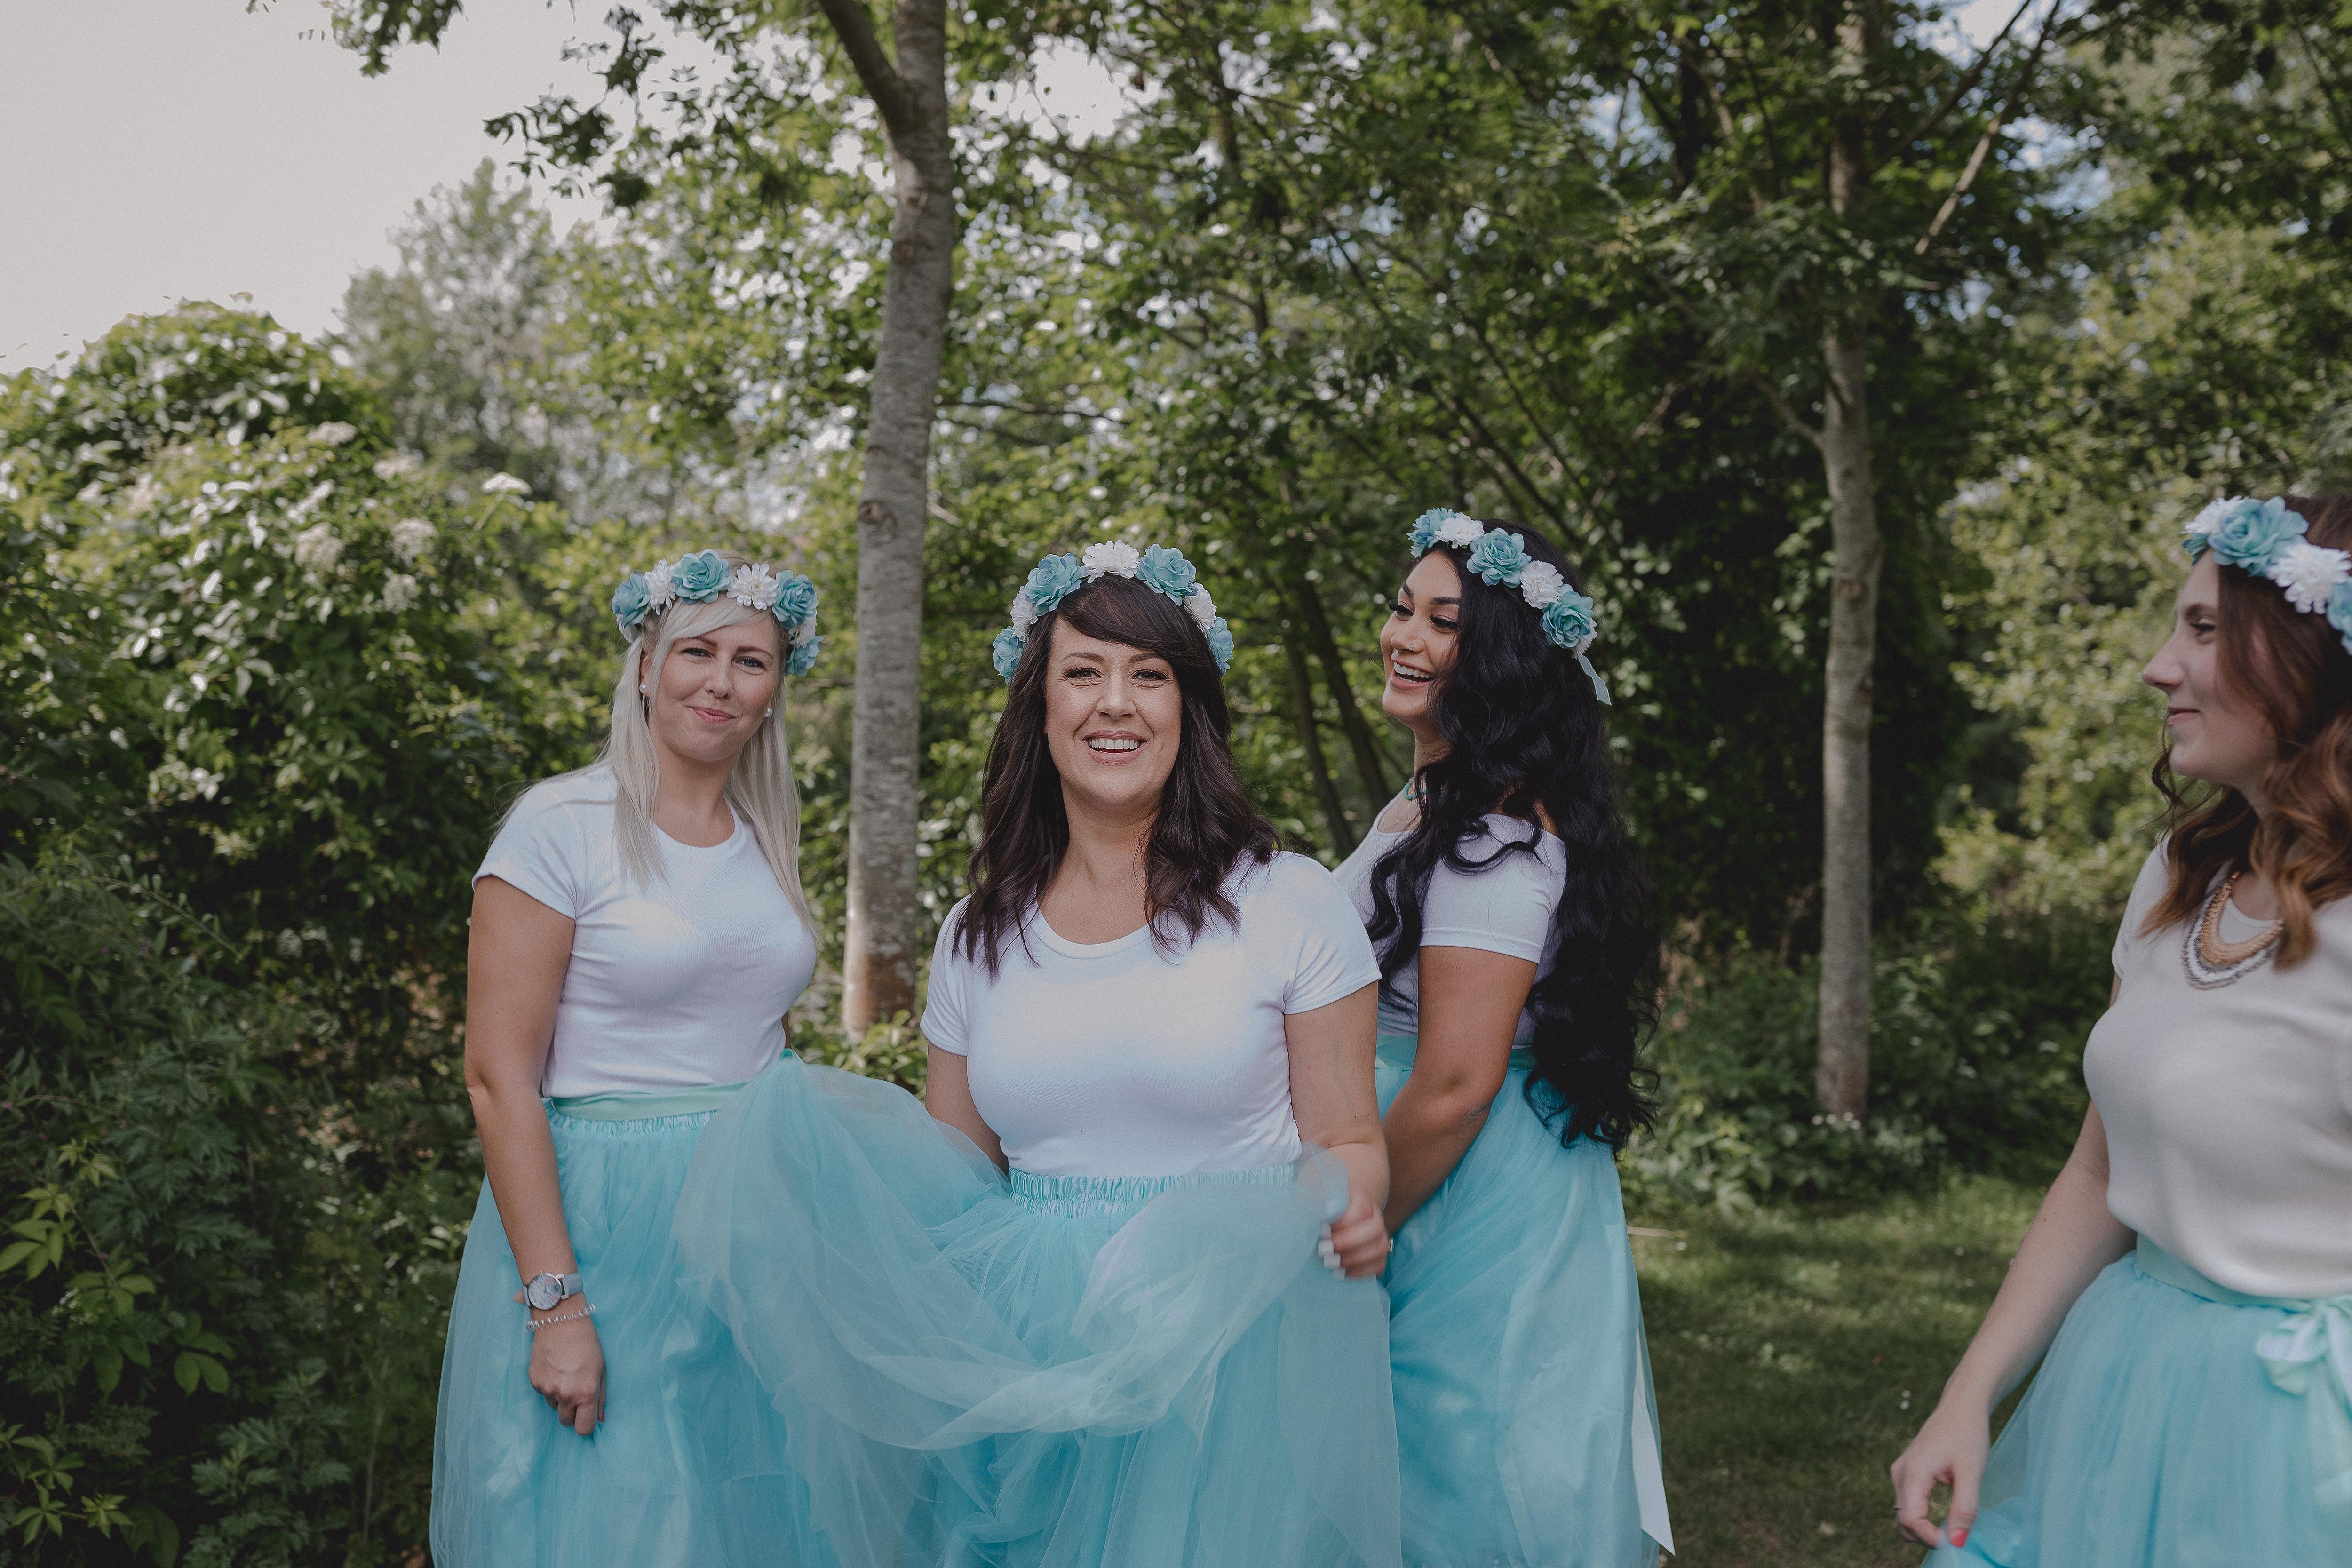 URBANERIE_Daniela_Goth_Hochzeitsfotografin_Nuernberg_Fuerth_Erlangen_180602_0233